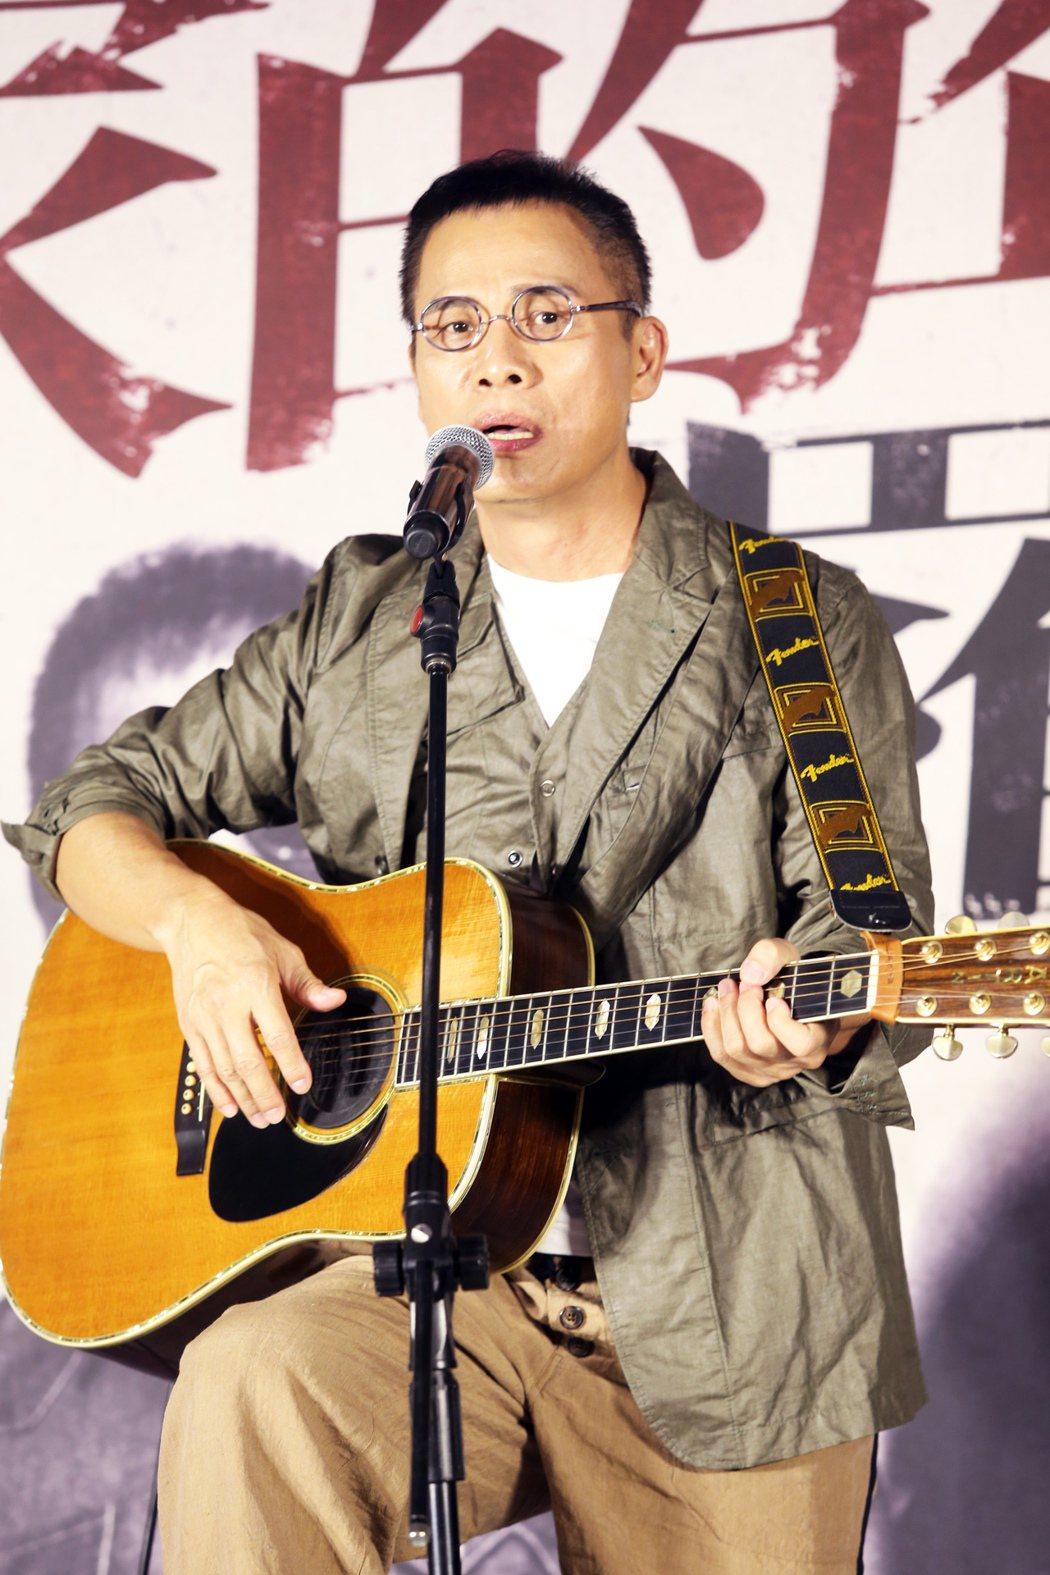 羅大佑在記者會上演唱創作歌曲為演唱會宣傳。記者徐兆玄/攝影